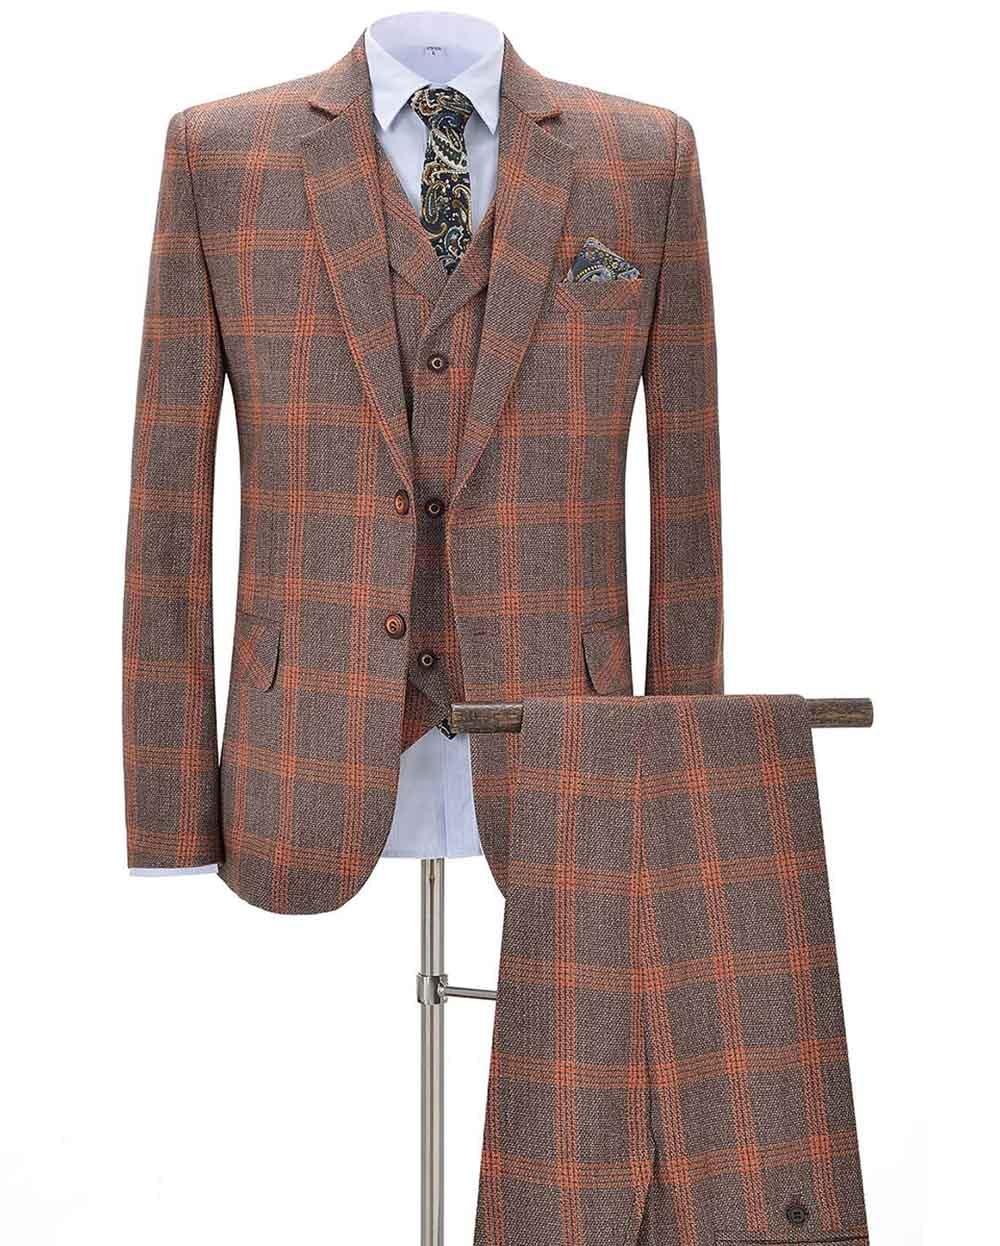 2019 New Orange Men's Plaid Suits 3 Pieces Formal Notch Lapel Business Tuxedos Groomsmen For Wedding(Blazer+vest+Pants)